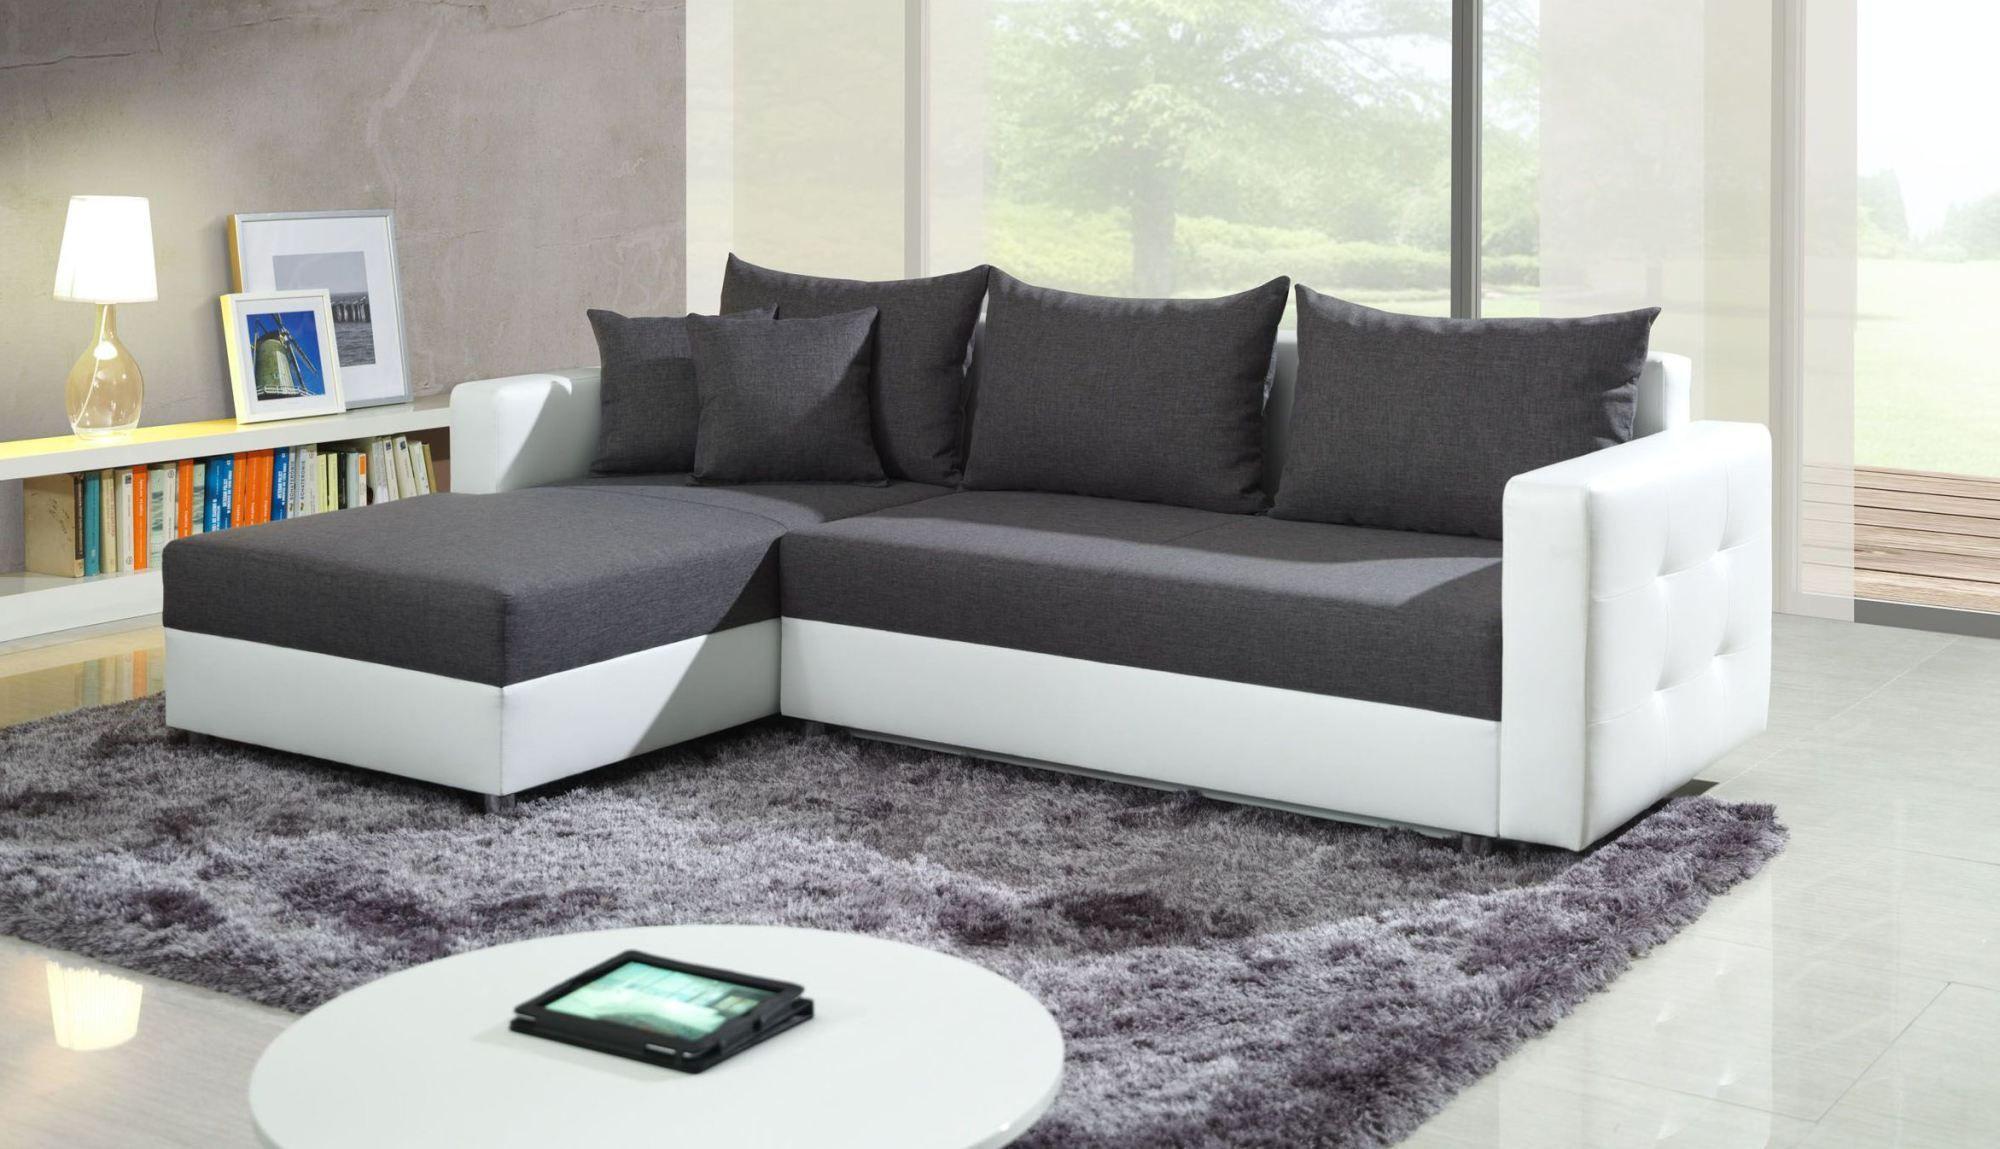 Sedaci Souprava Aron Corner Sofa Design Corner Sofa Leather Corner Sofa